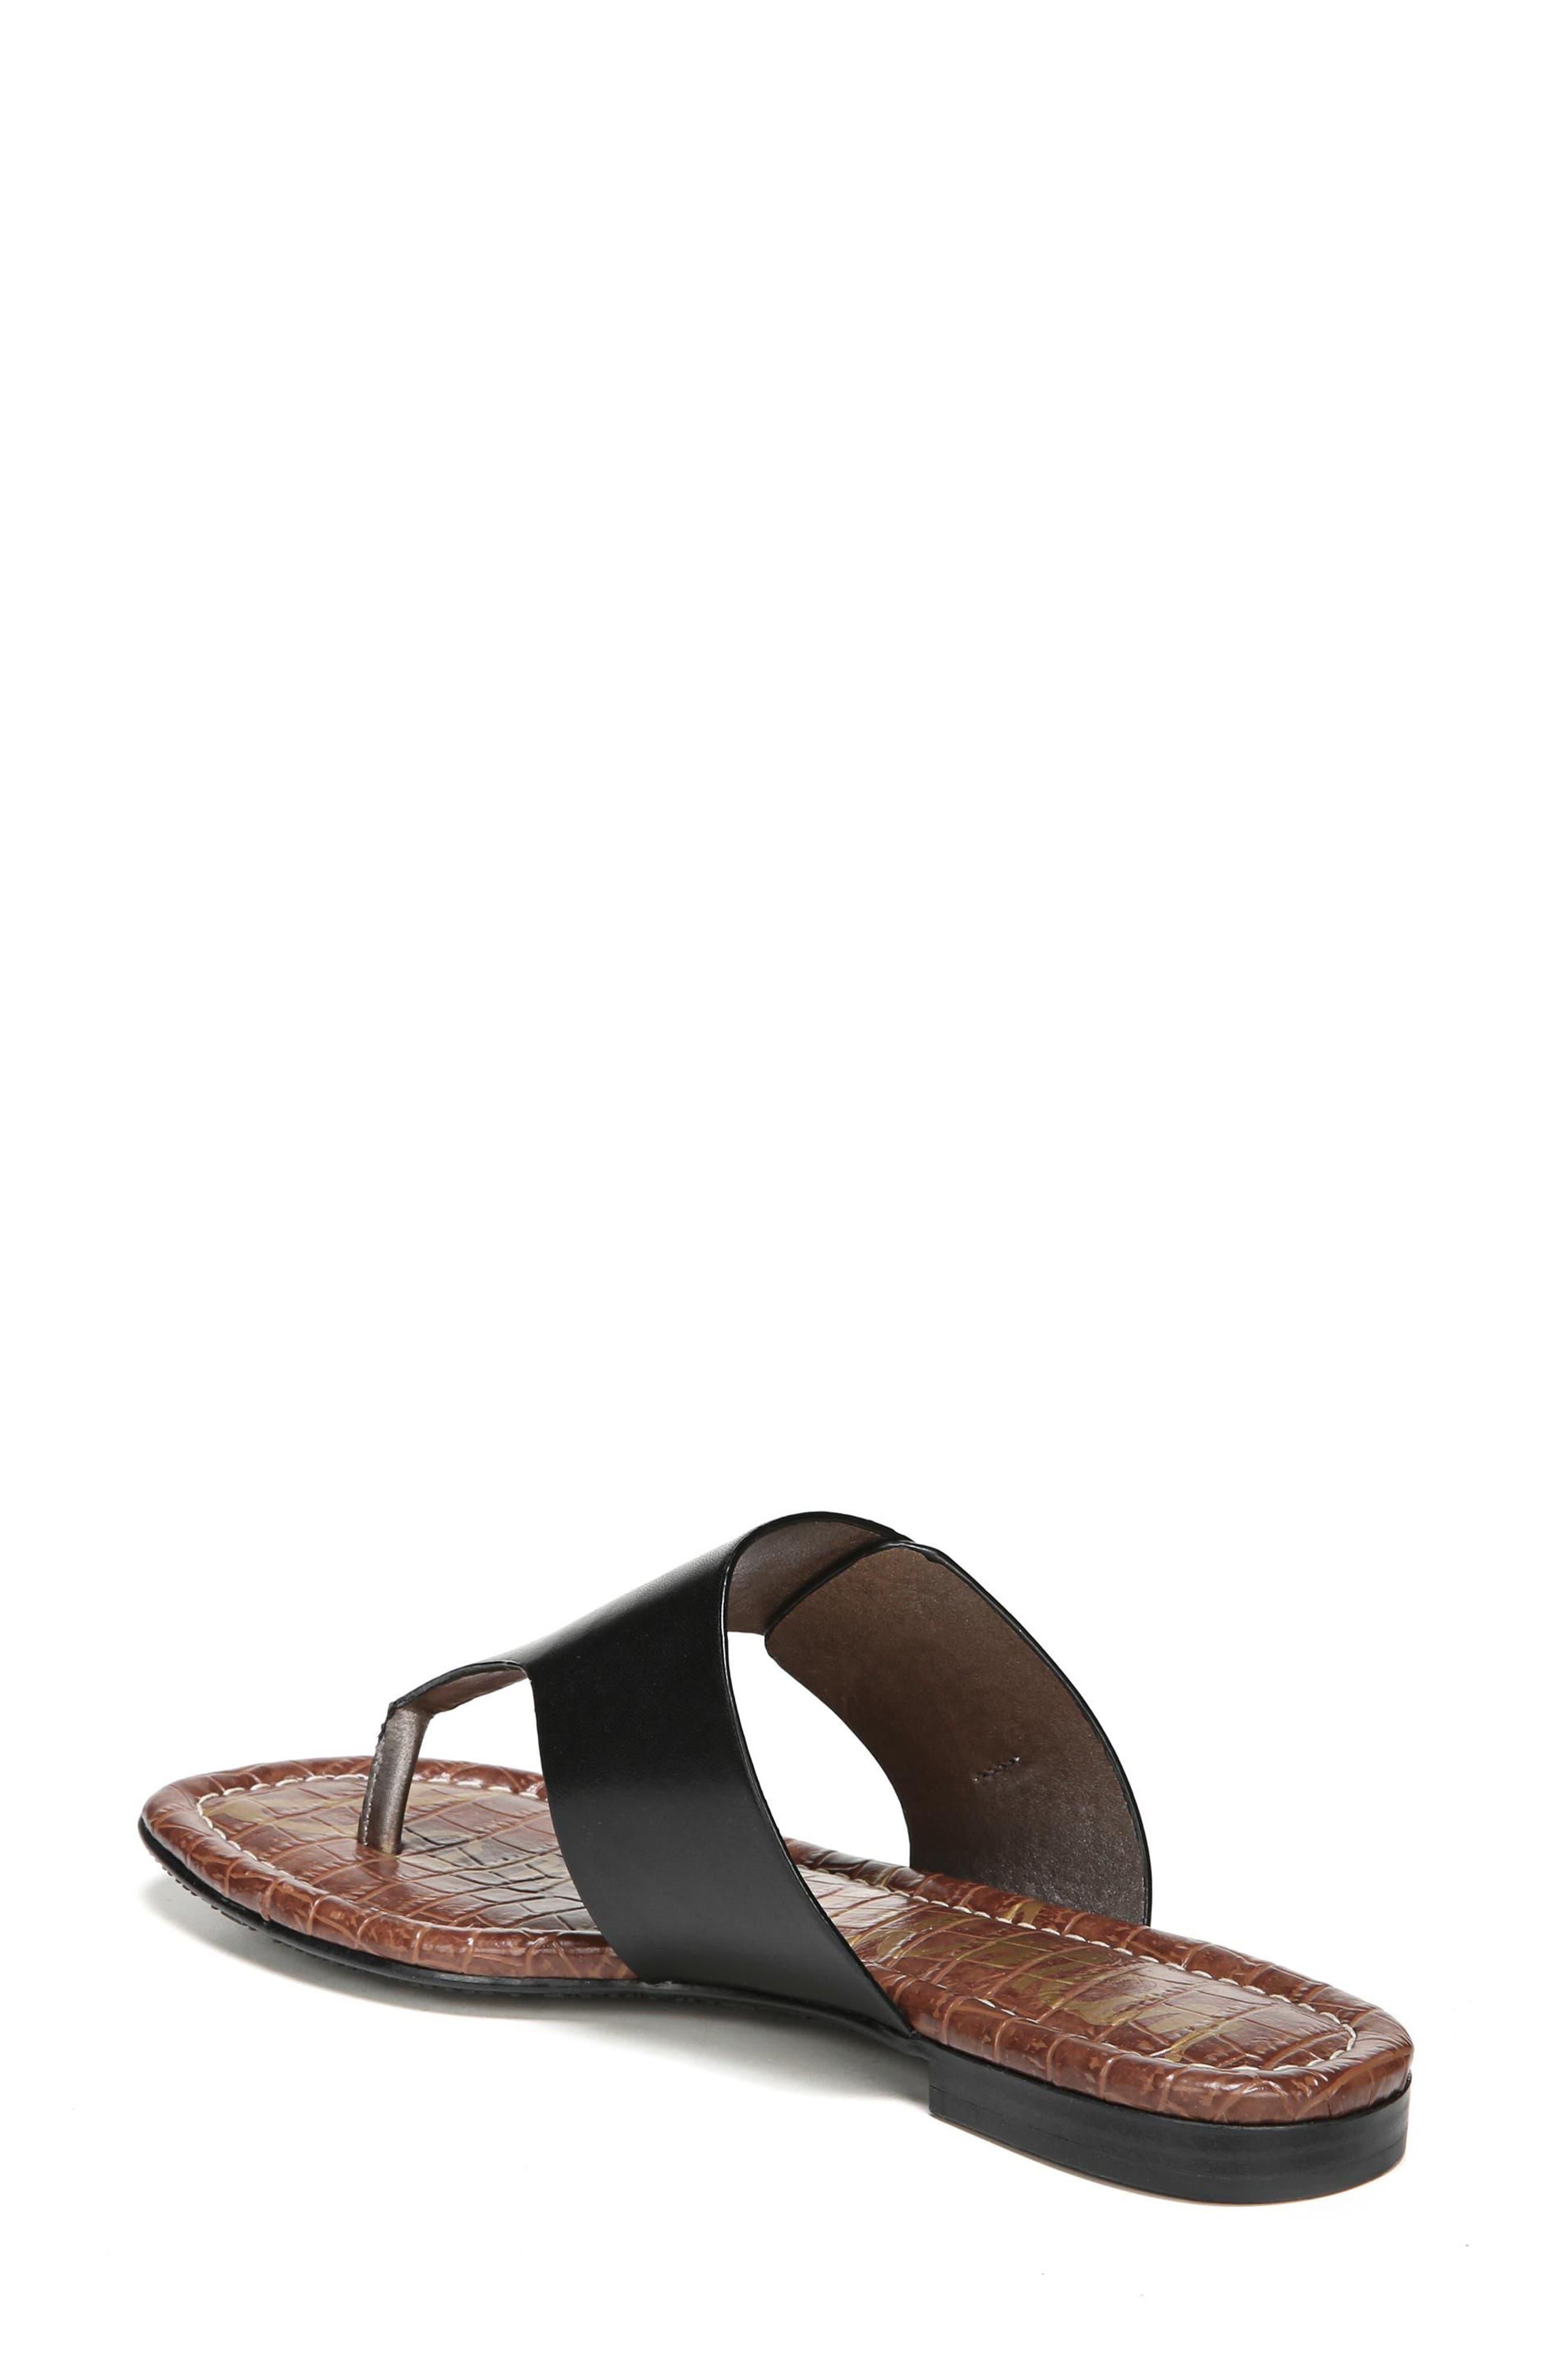 Barry Genuine Calf Hair V-Strap Sandal,                             Alternate thumbnail 2, color,                             001